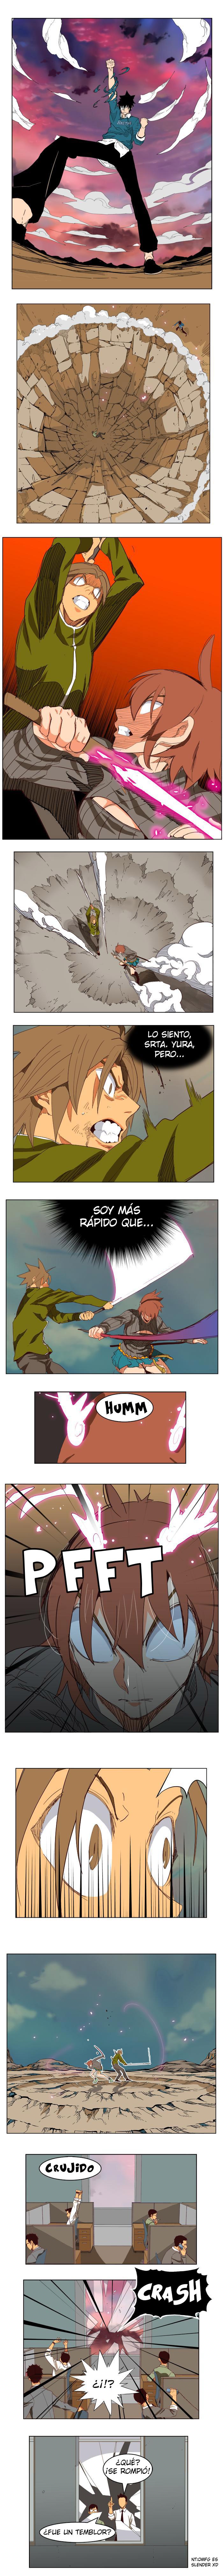 http://c5.ninemanga.com/es_manga/37/485/433870/114785876eb0846158d3620567ae7398.jpg Page 6